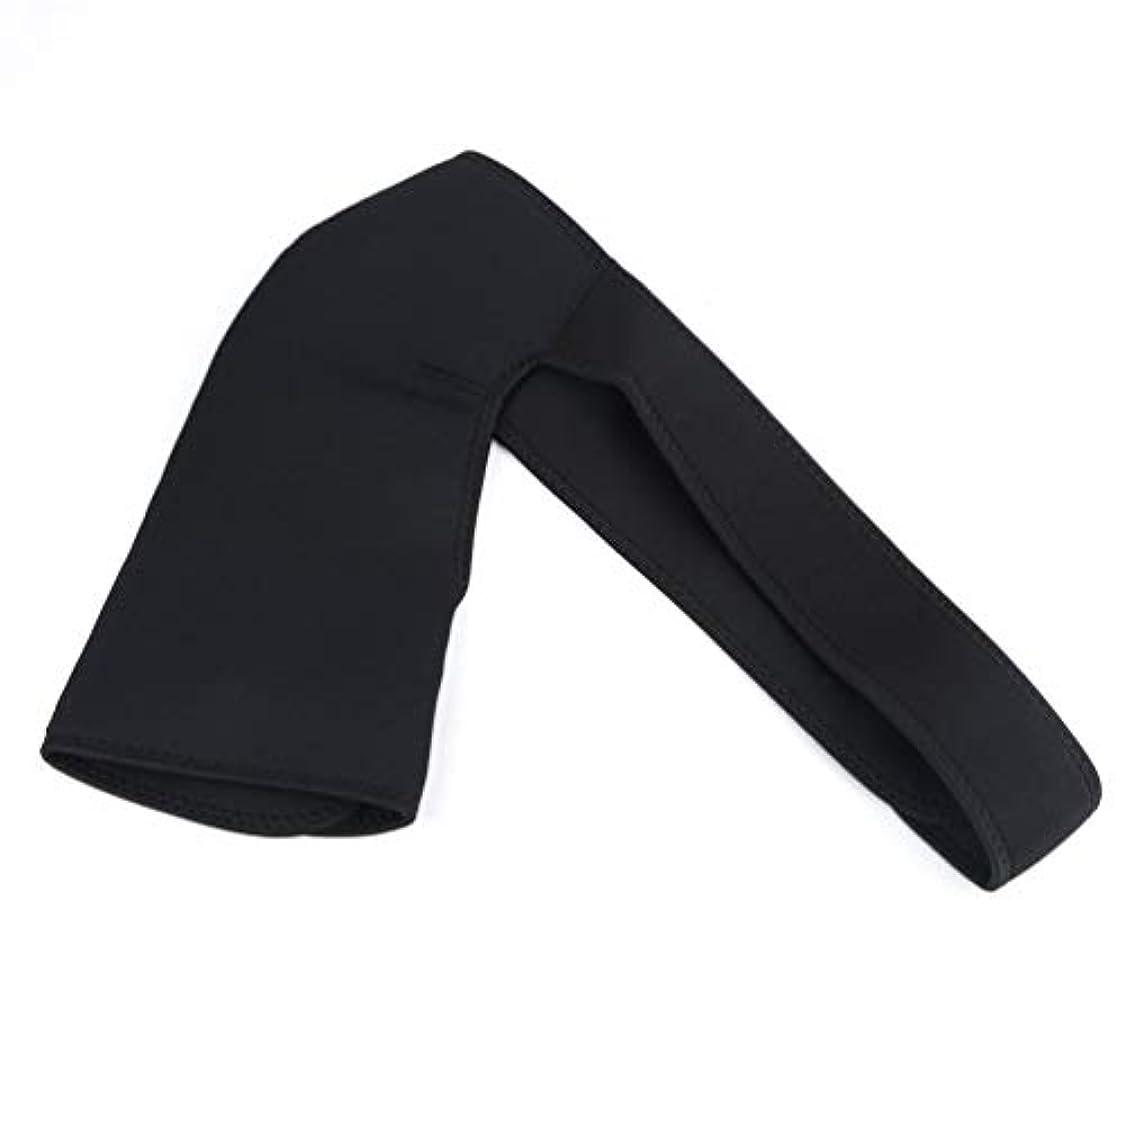 調節可能な ジムスポーツケアシングルショルダーサポートバックブレースガードストラップラップベルトバンドパッドブラック包帯男性&女性 - ブラック